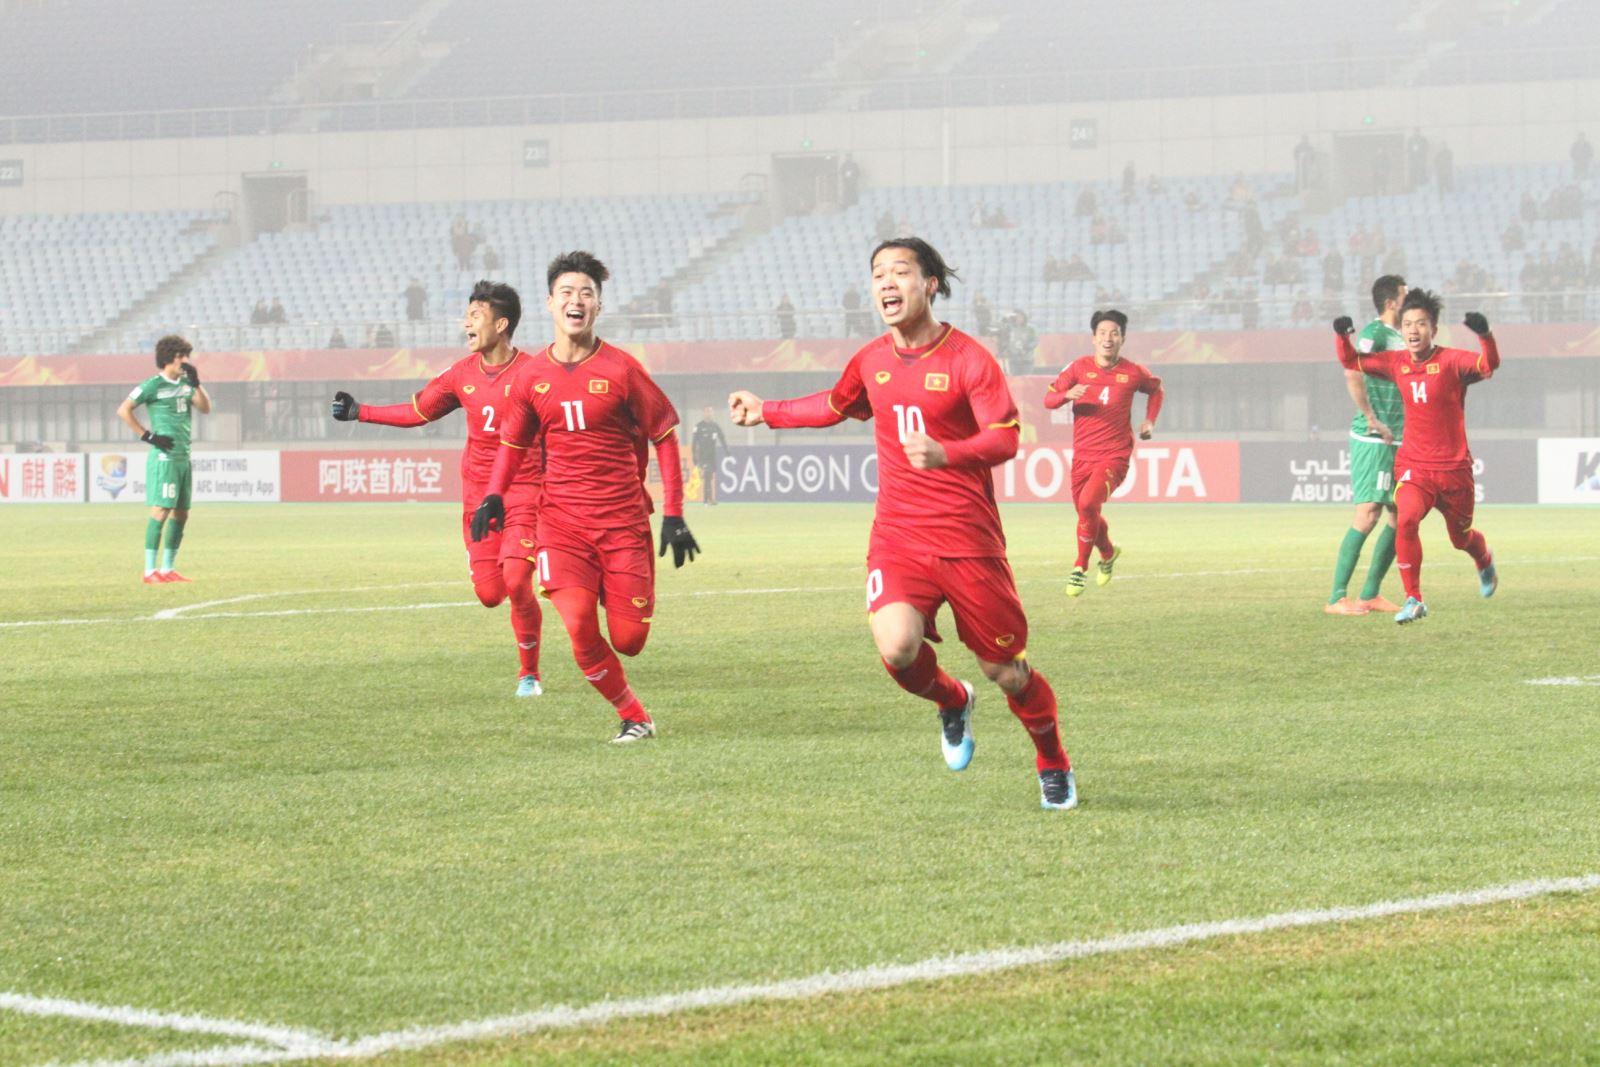 U23 Việt Nam: Á quân U23 châu Á sẽ không phải là dấu ấn lớn nhất